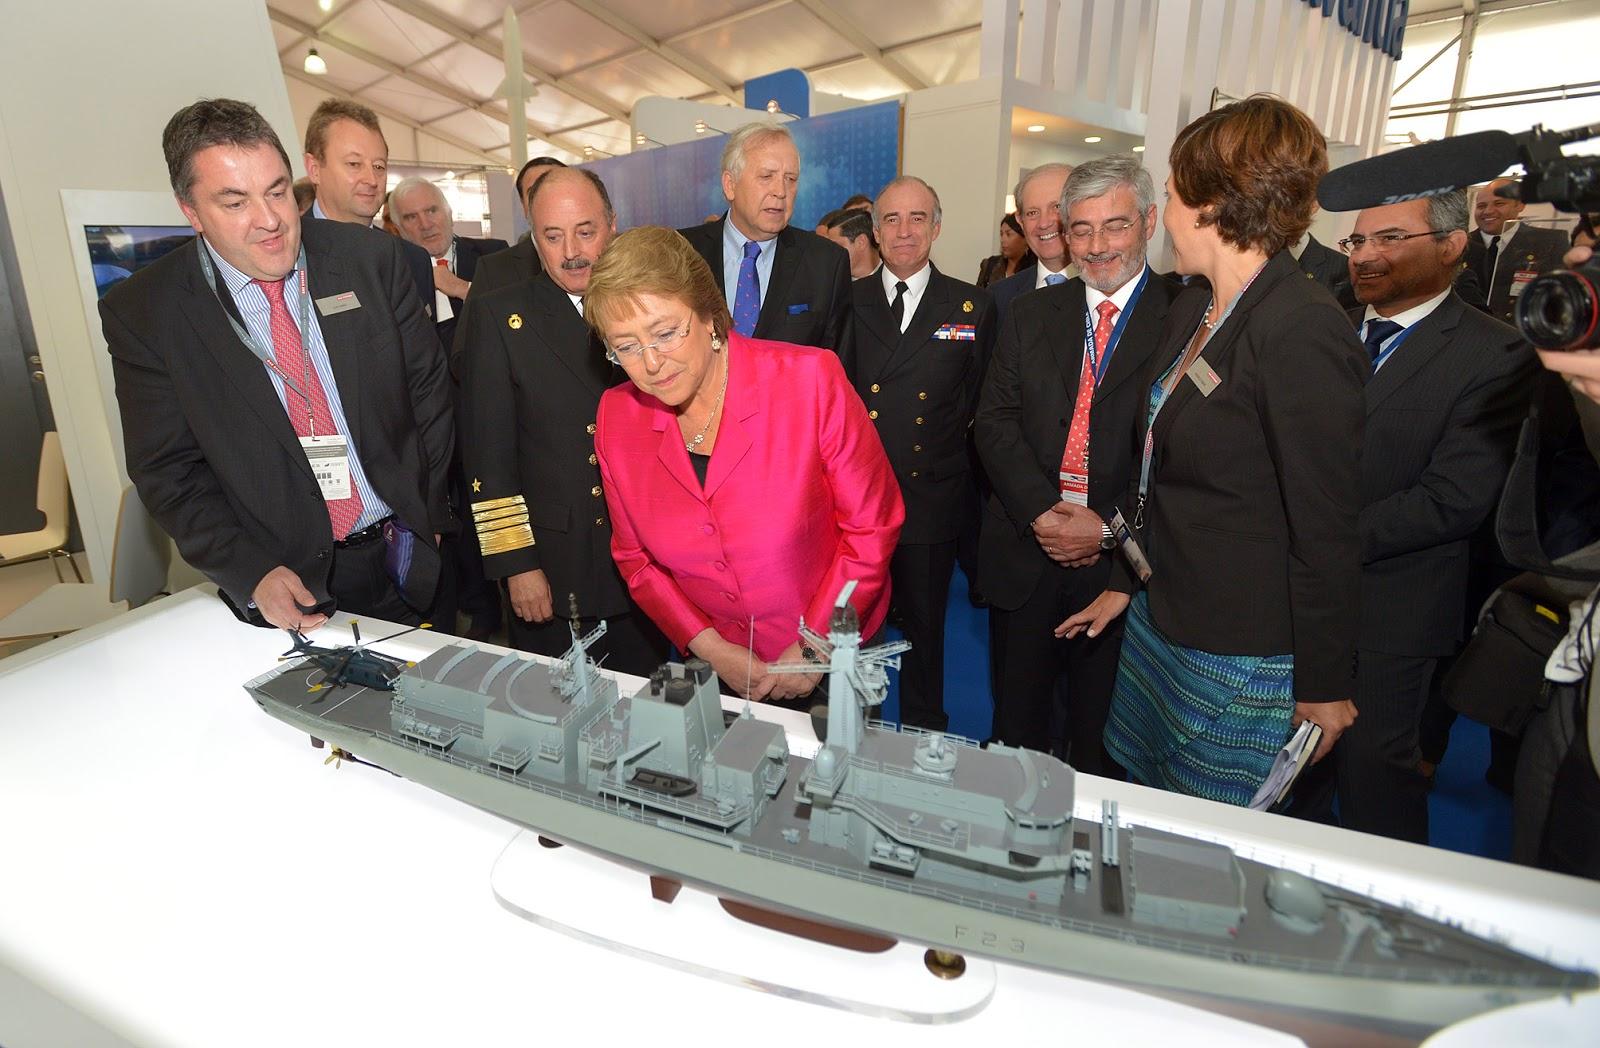 http://www.ucvradio.cl/bsite/2014/12/02/exponaval-trans-port-2014-presidenta-anuncio-construccion-de-dique-flotante-y-de-nuevas-unidades-navales/